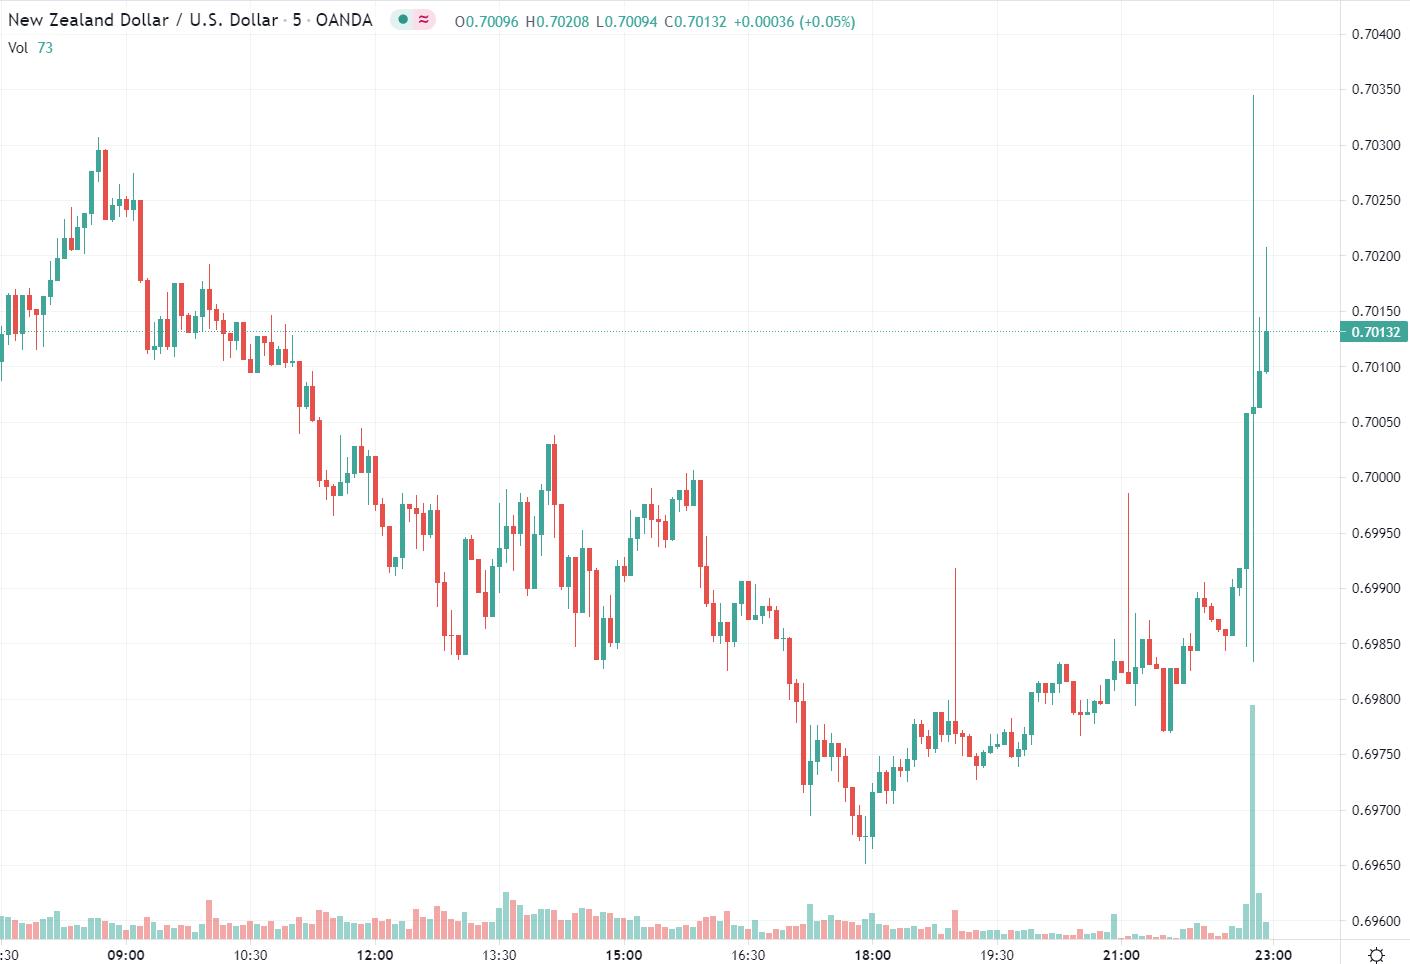 New Zealand chart nzd/usd cpi